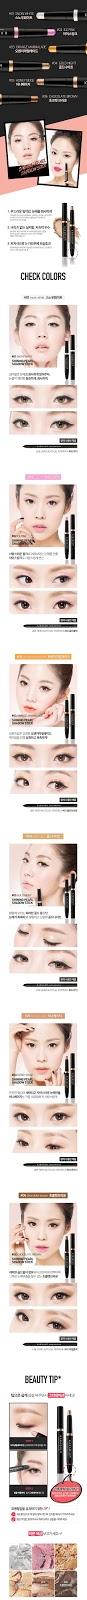 Mắt đẹp với nhũ kẻ mắt karadium Shining pearl stick shadow